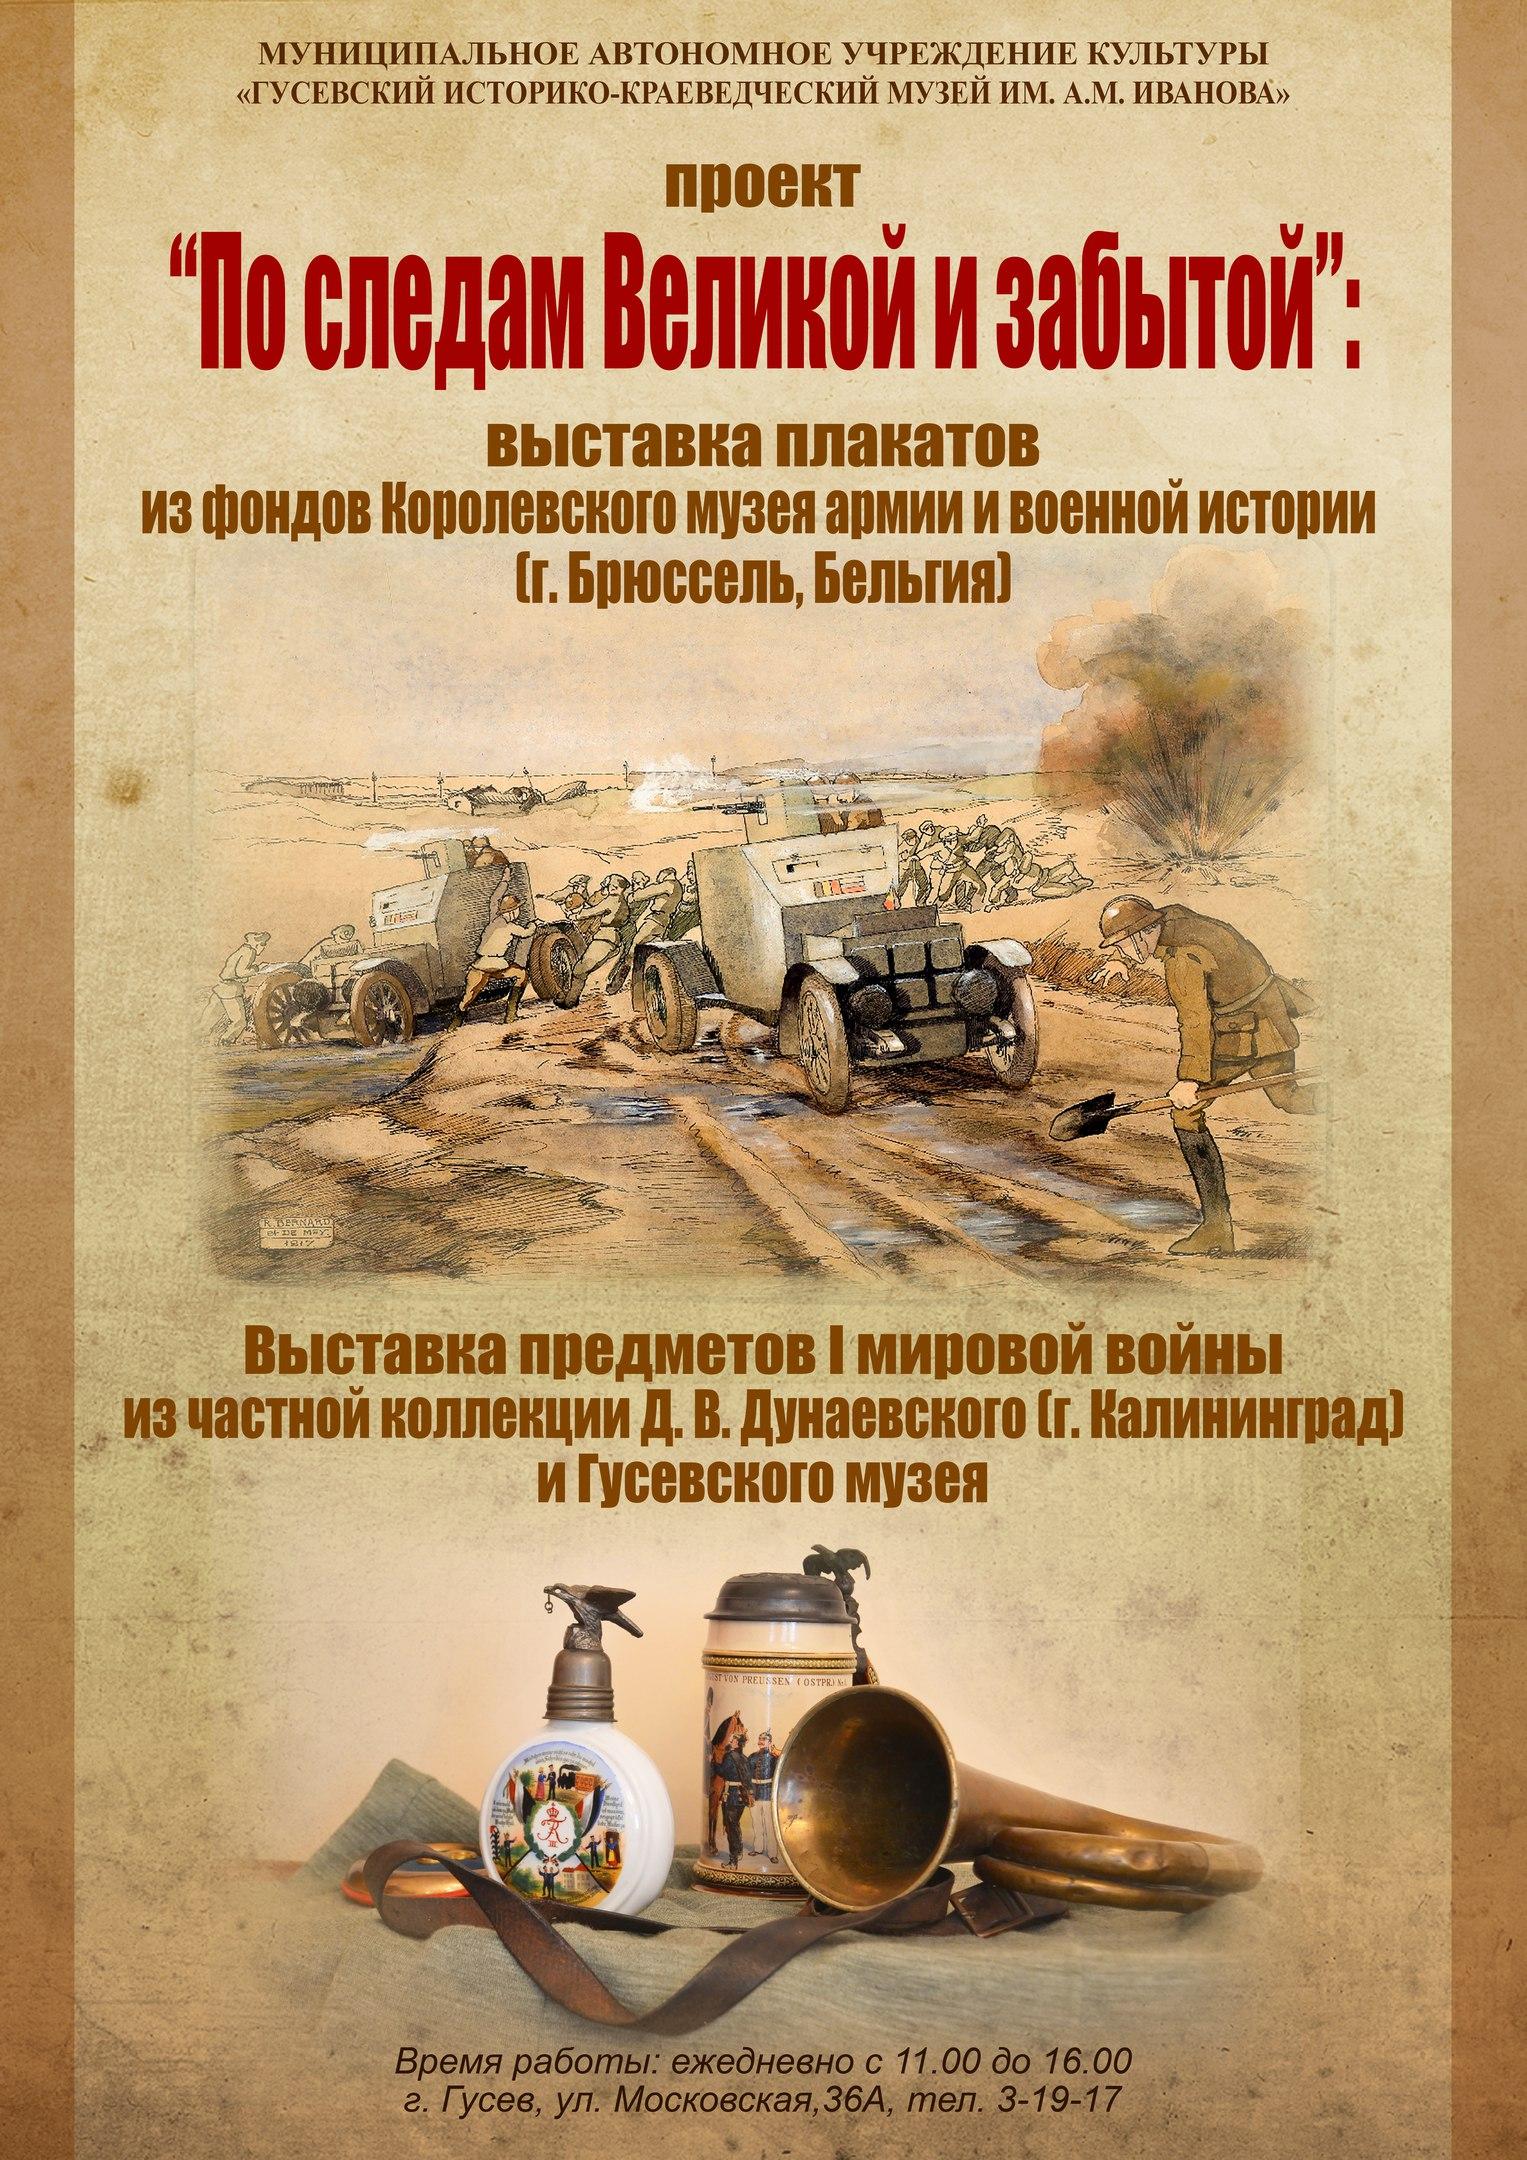 В Гусевском музее открывается выставка посвященная событиям Первой мировой войны